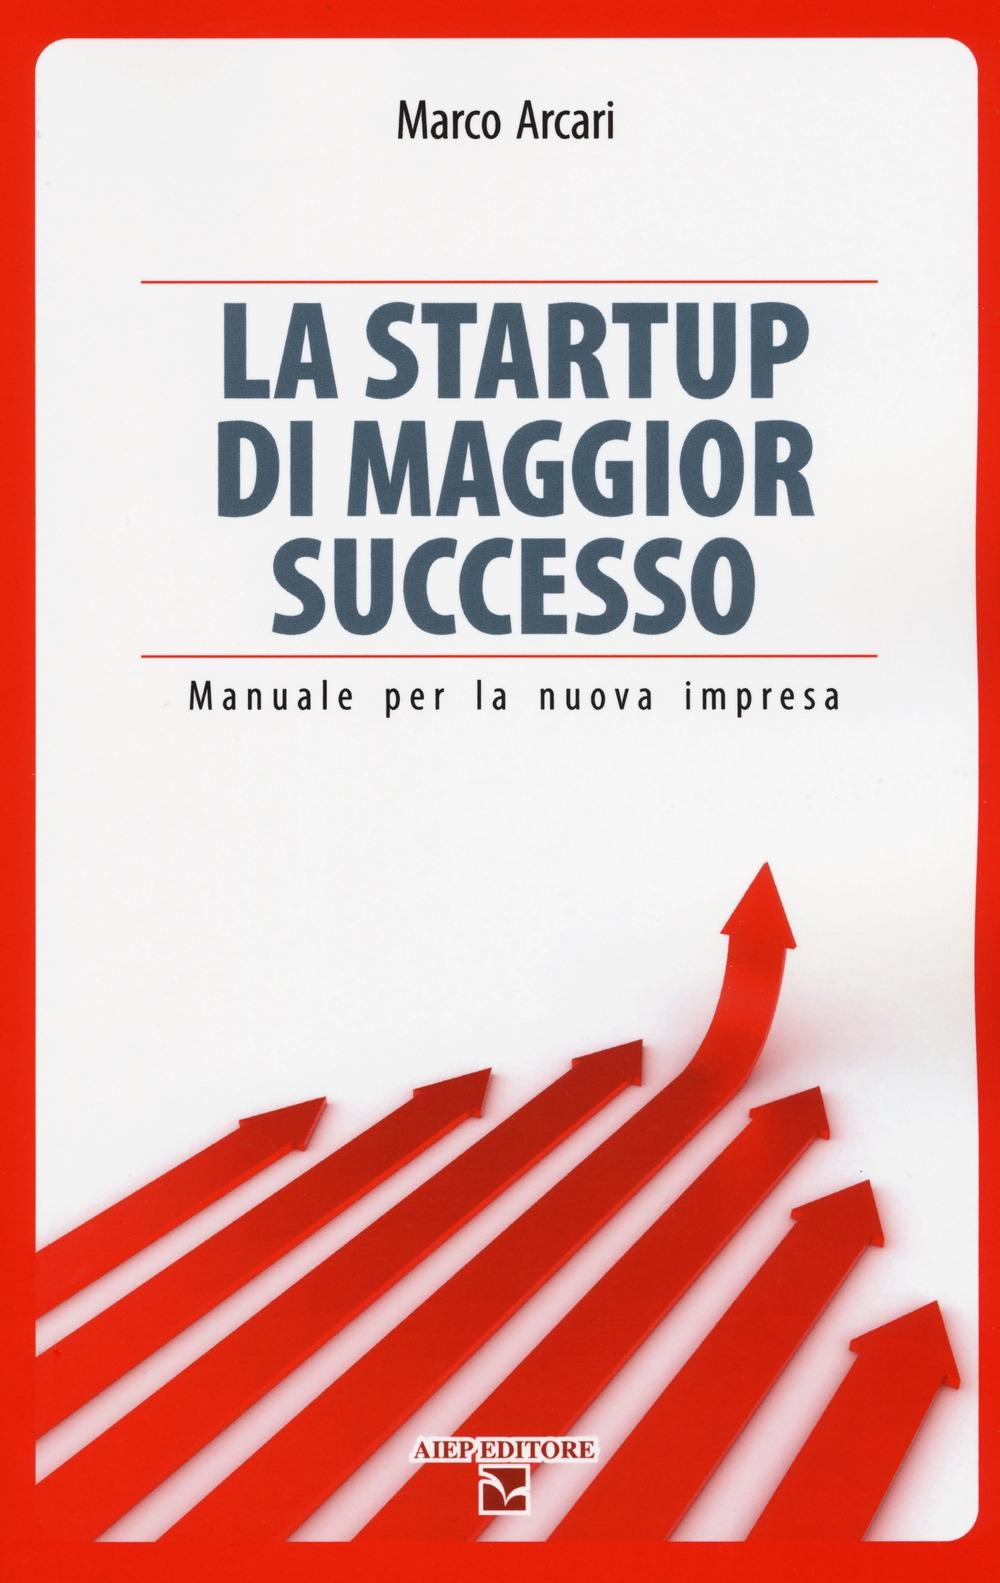 La startup di maggior successo. Manuale per la nuova impresa